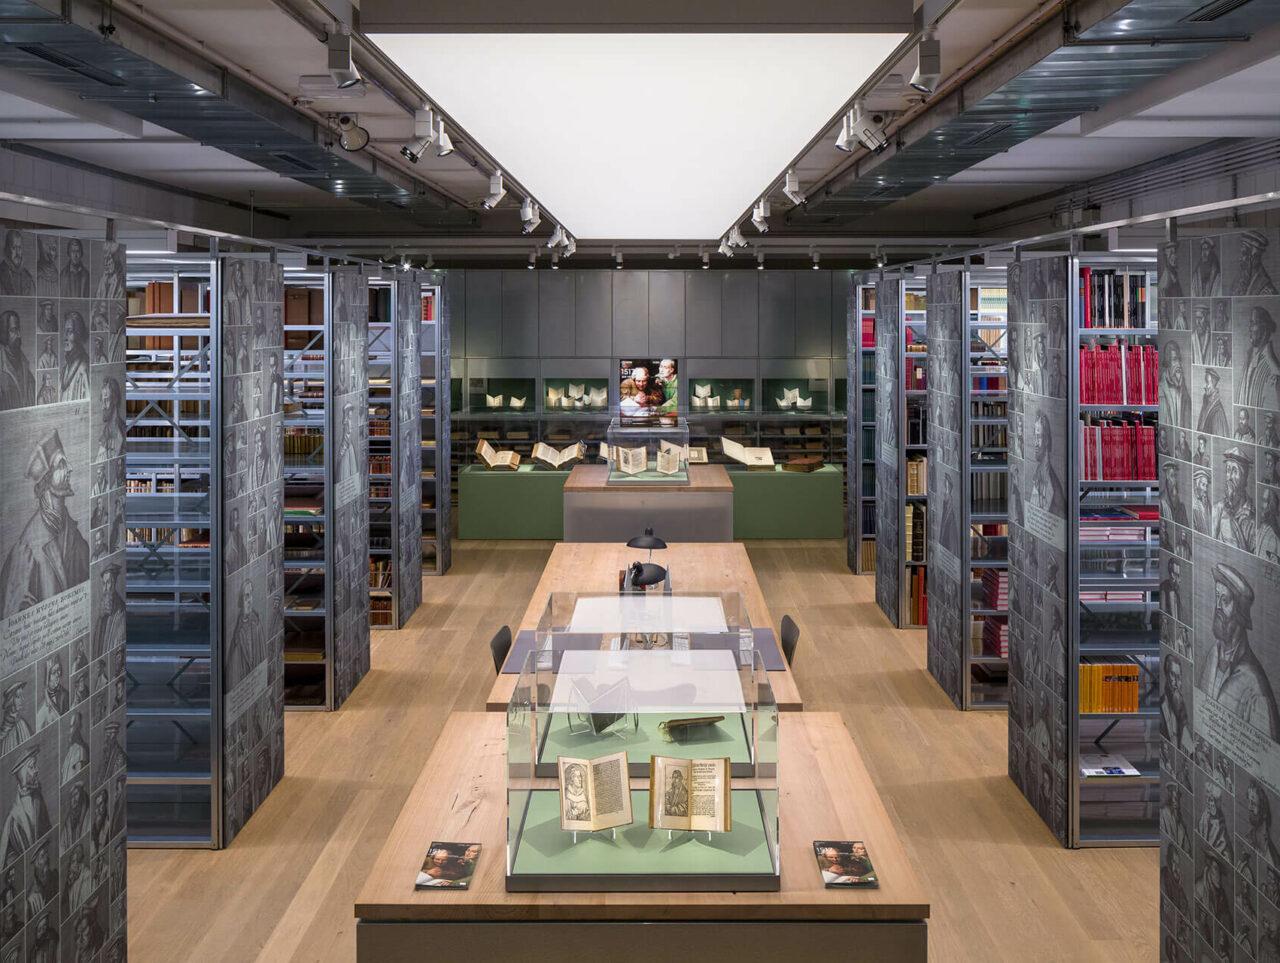 Draiflessen Mettingen Kunstmuseum C&A Bibliothek